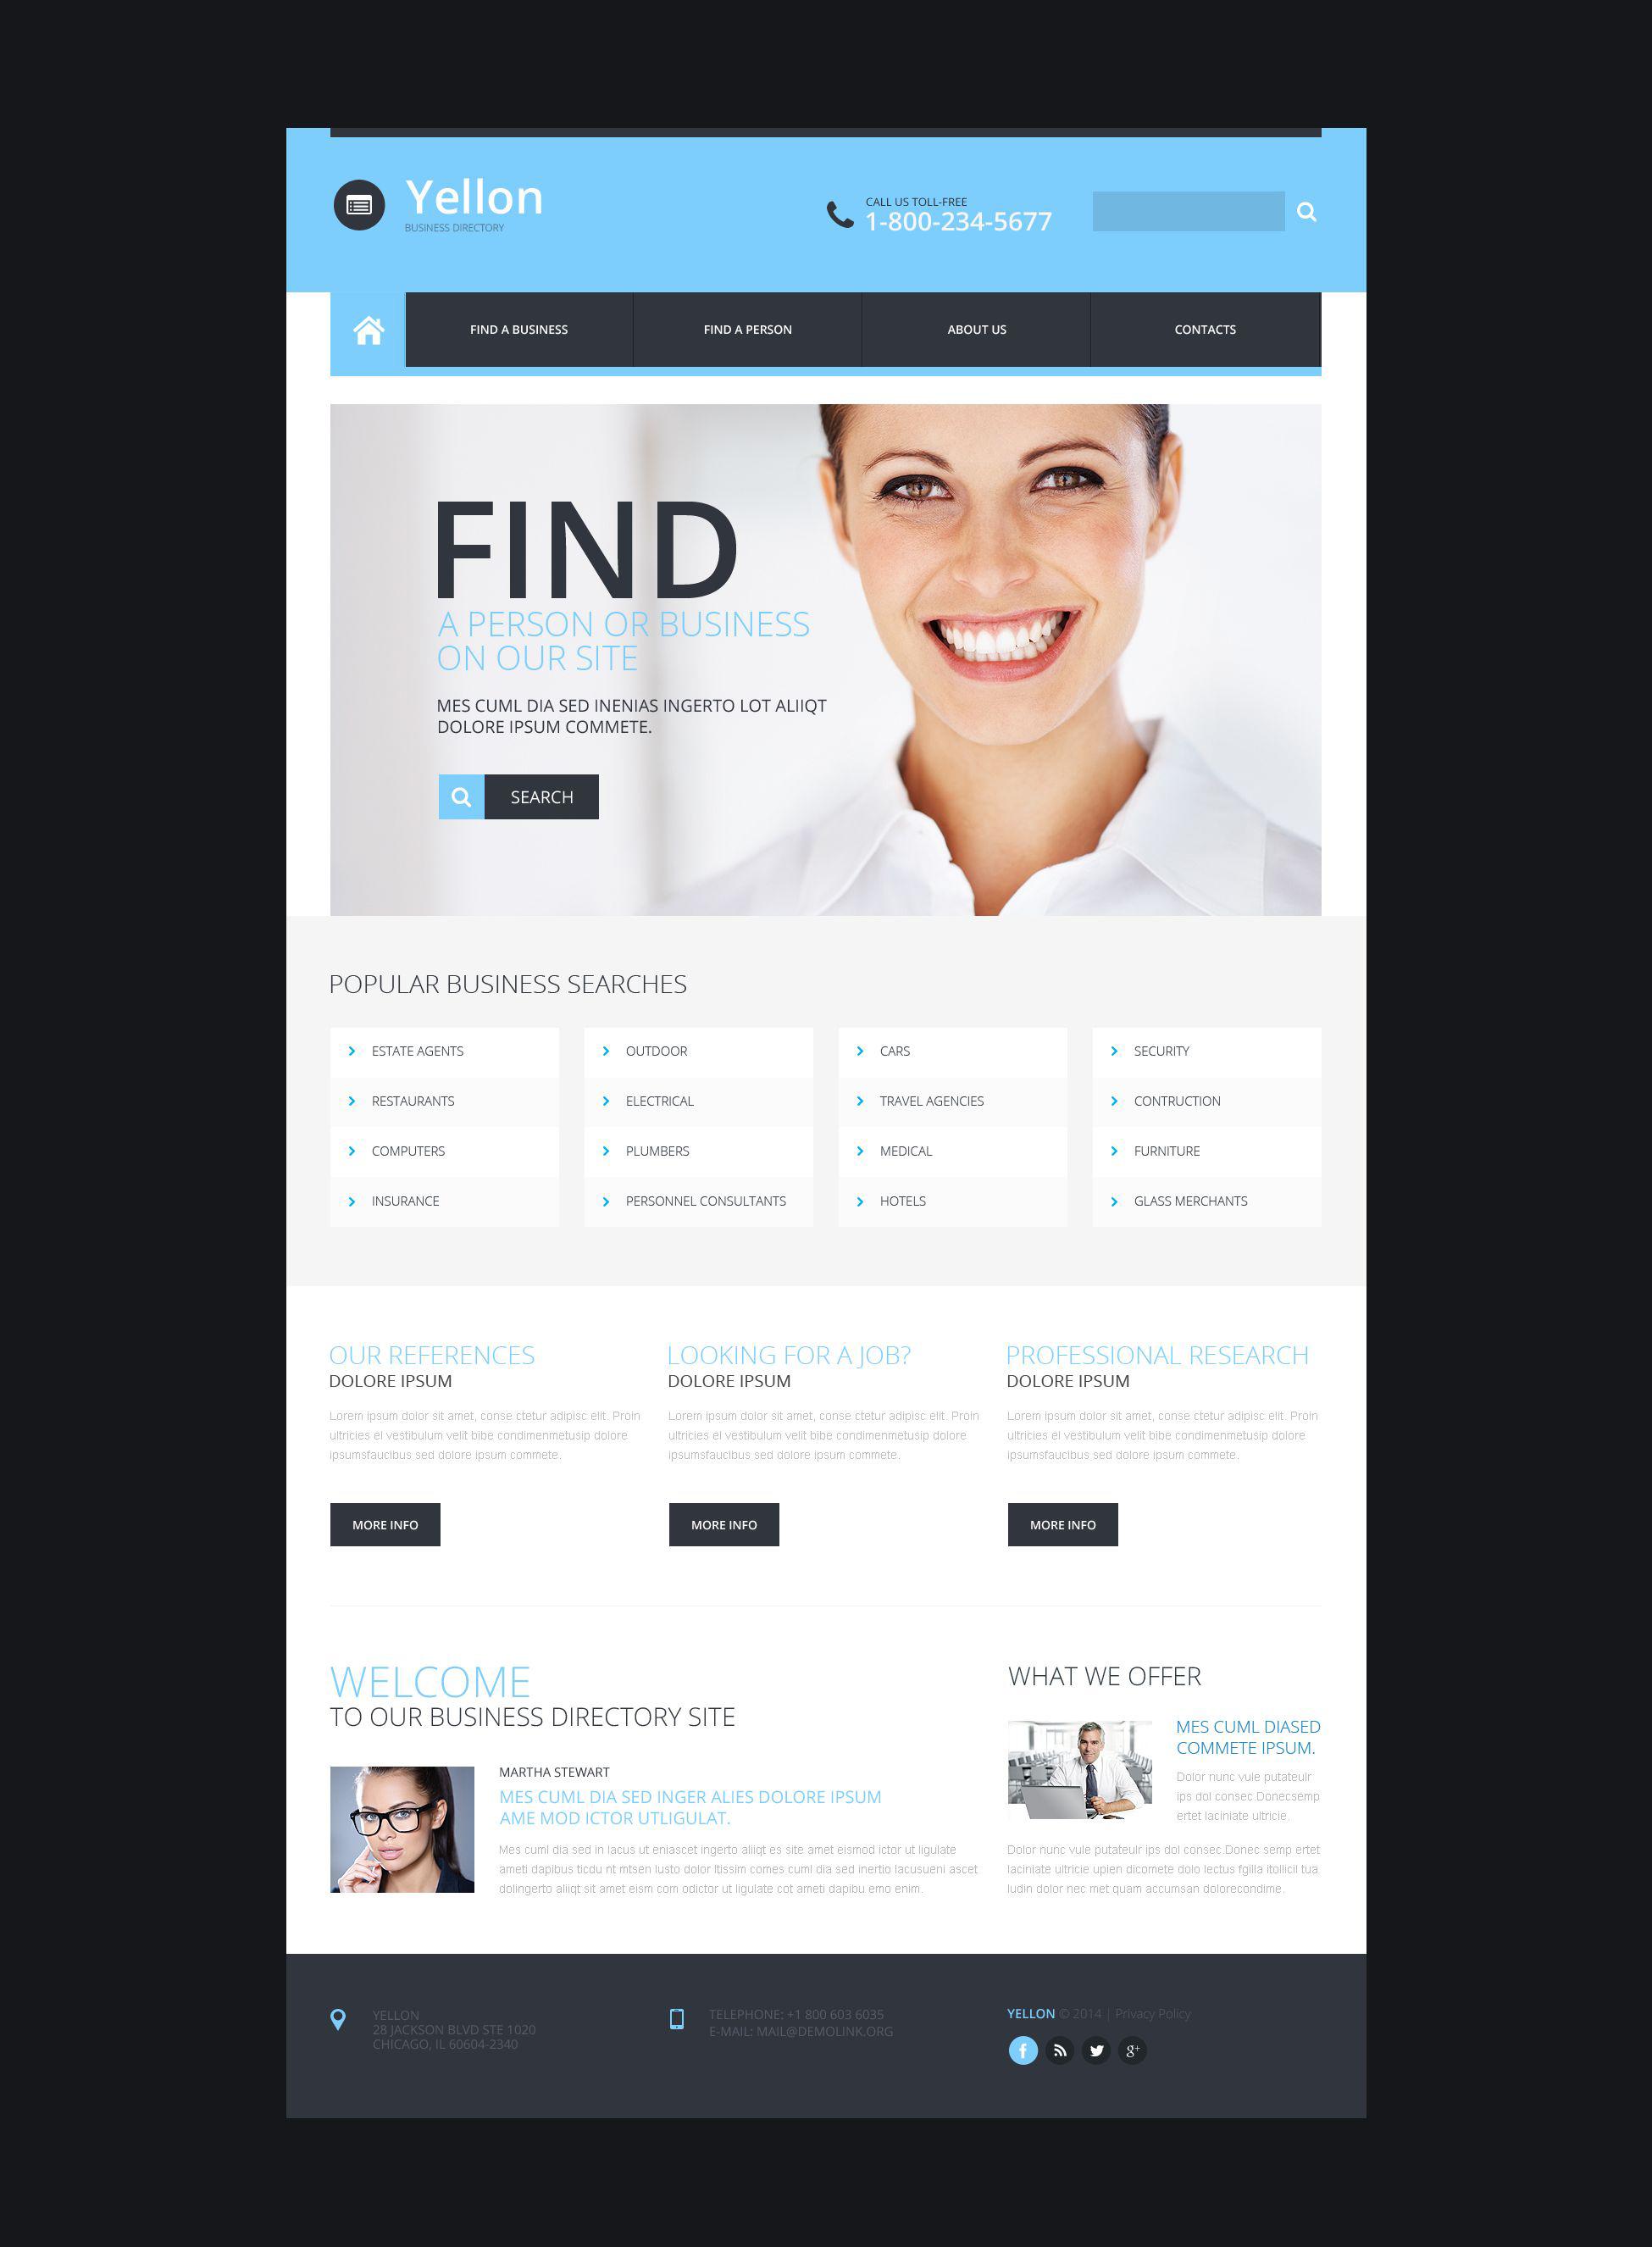 Responsive İş ve Hizmetler Web Sitesi #52280 - Ekran resmi